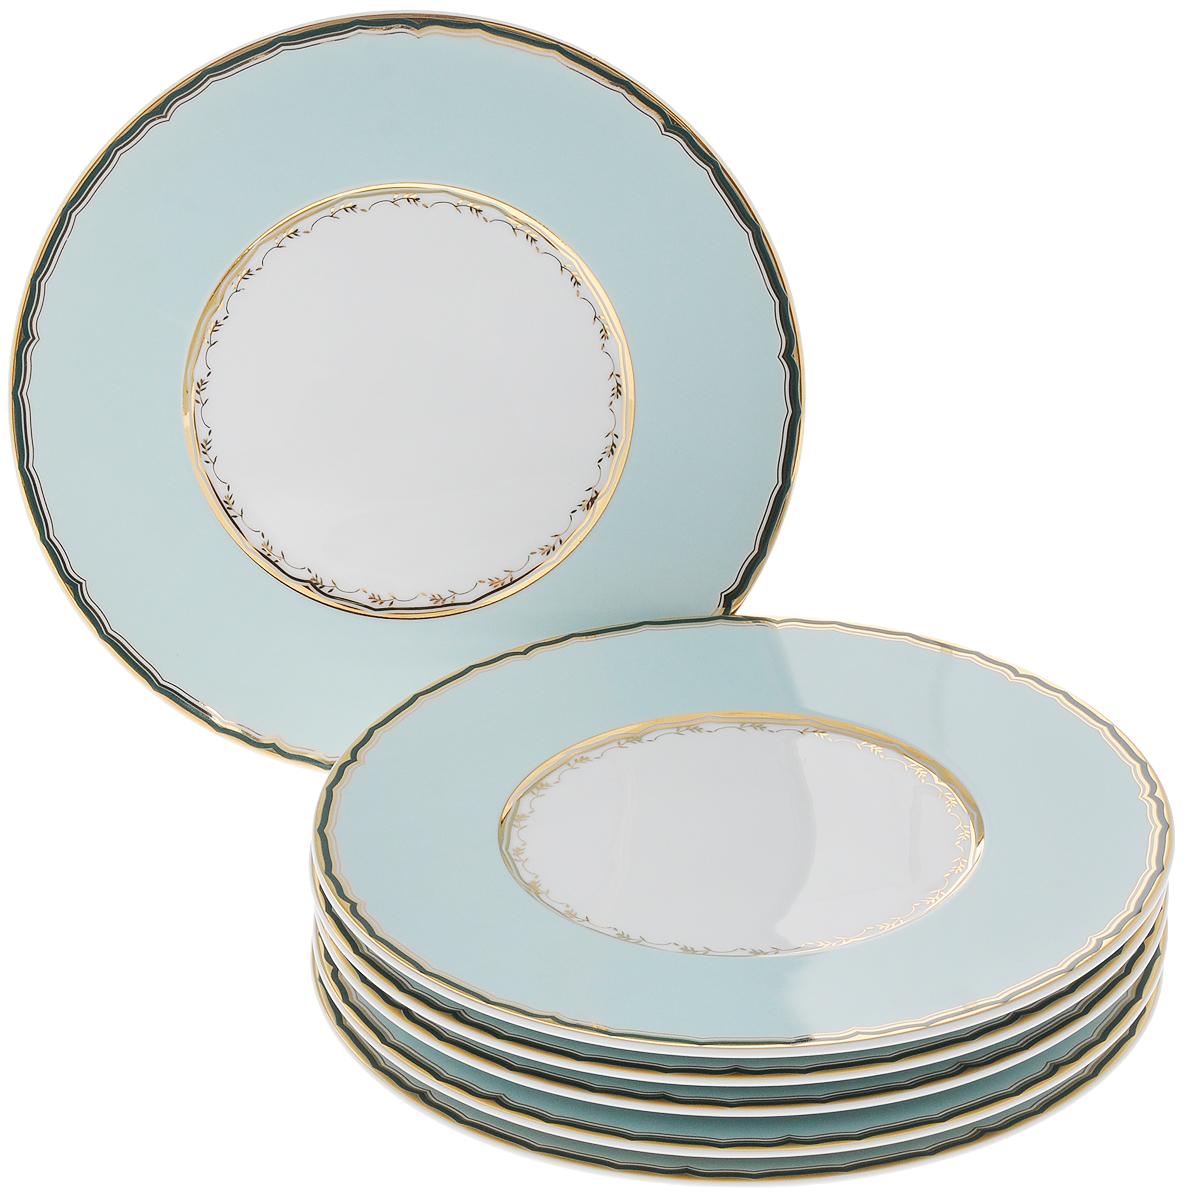 Набор подстановочных тарелок Yves De La Rosiere Zen, диаметр 27 см, 6 шт839002 2130Набор Yves De La Rosiere Zen состоит из 6 круглых подстановочных тарелок, изготовленных из высококачественного фарфора, который отличается практичностью и высоким качеством исполнения. Яркий дизайн придется по вкусу и ценителям классики, и тем, кто предпочитает утонченность и изысканность. Подстановочные тарелки выполняют декоративную функцию и служат для придания столу торжественного вида. Такой набор прекрасно оформит праздничный стол и станет замечательным подарком для ваших друзей и близких.